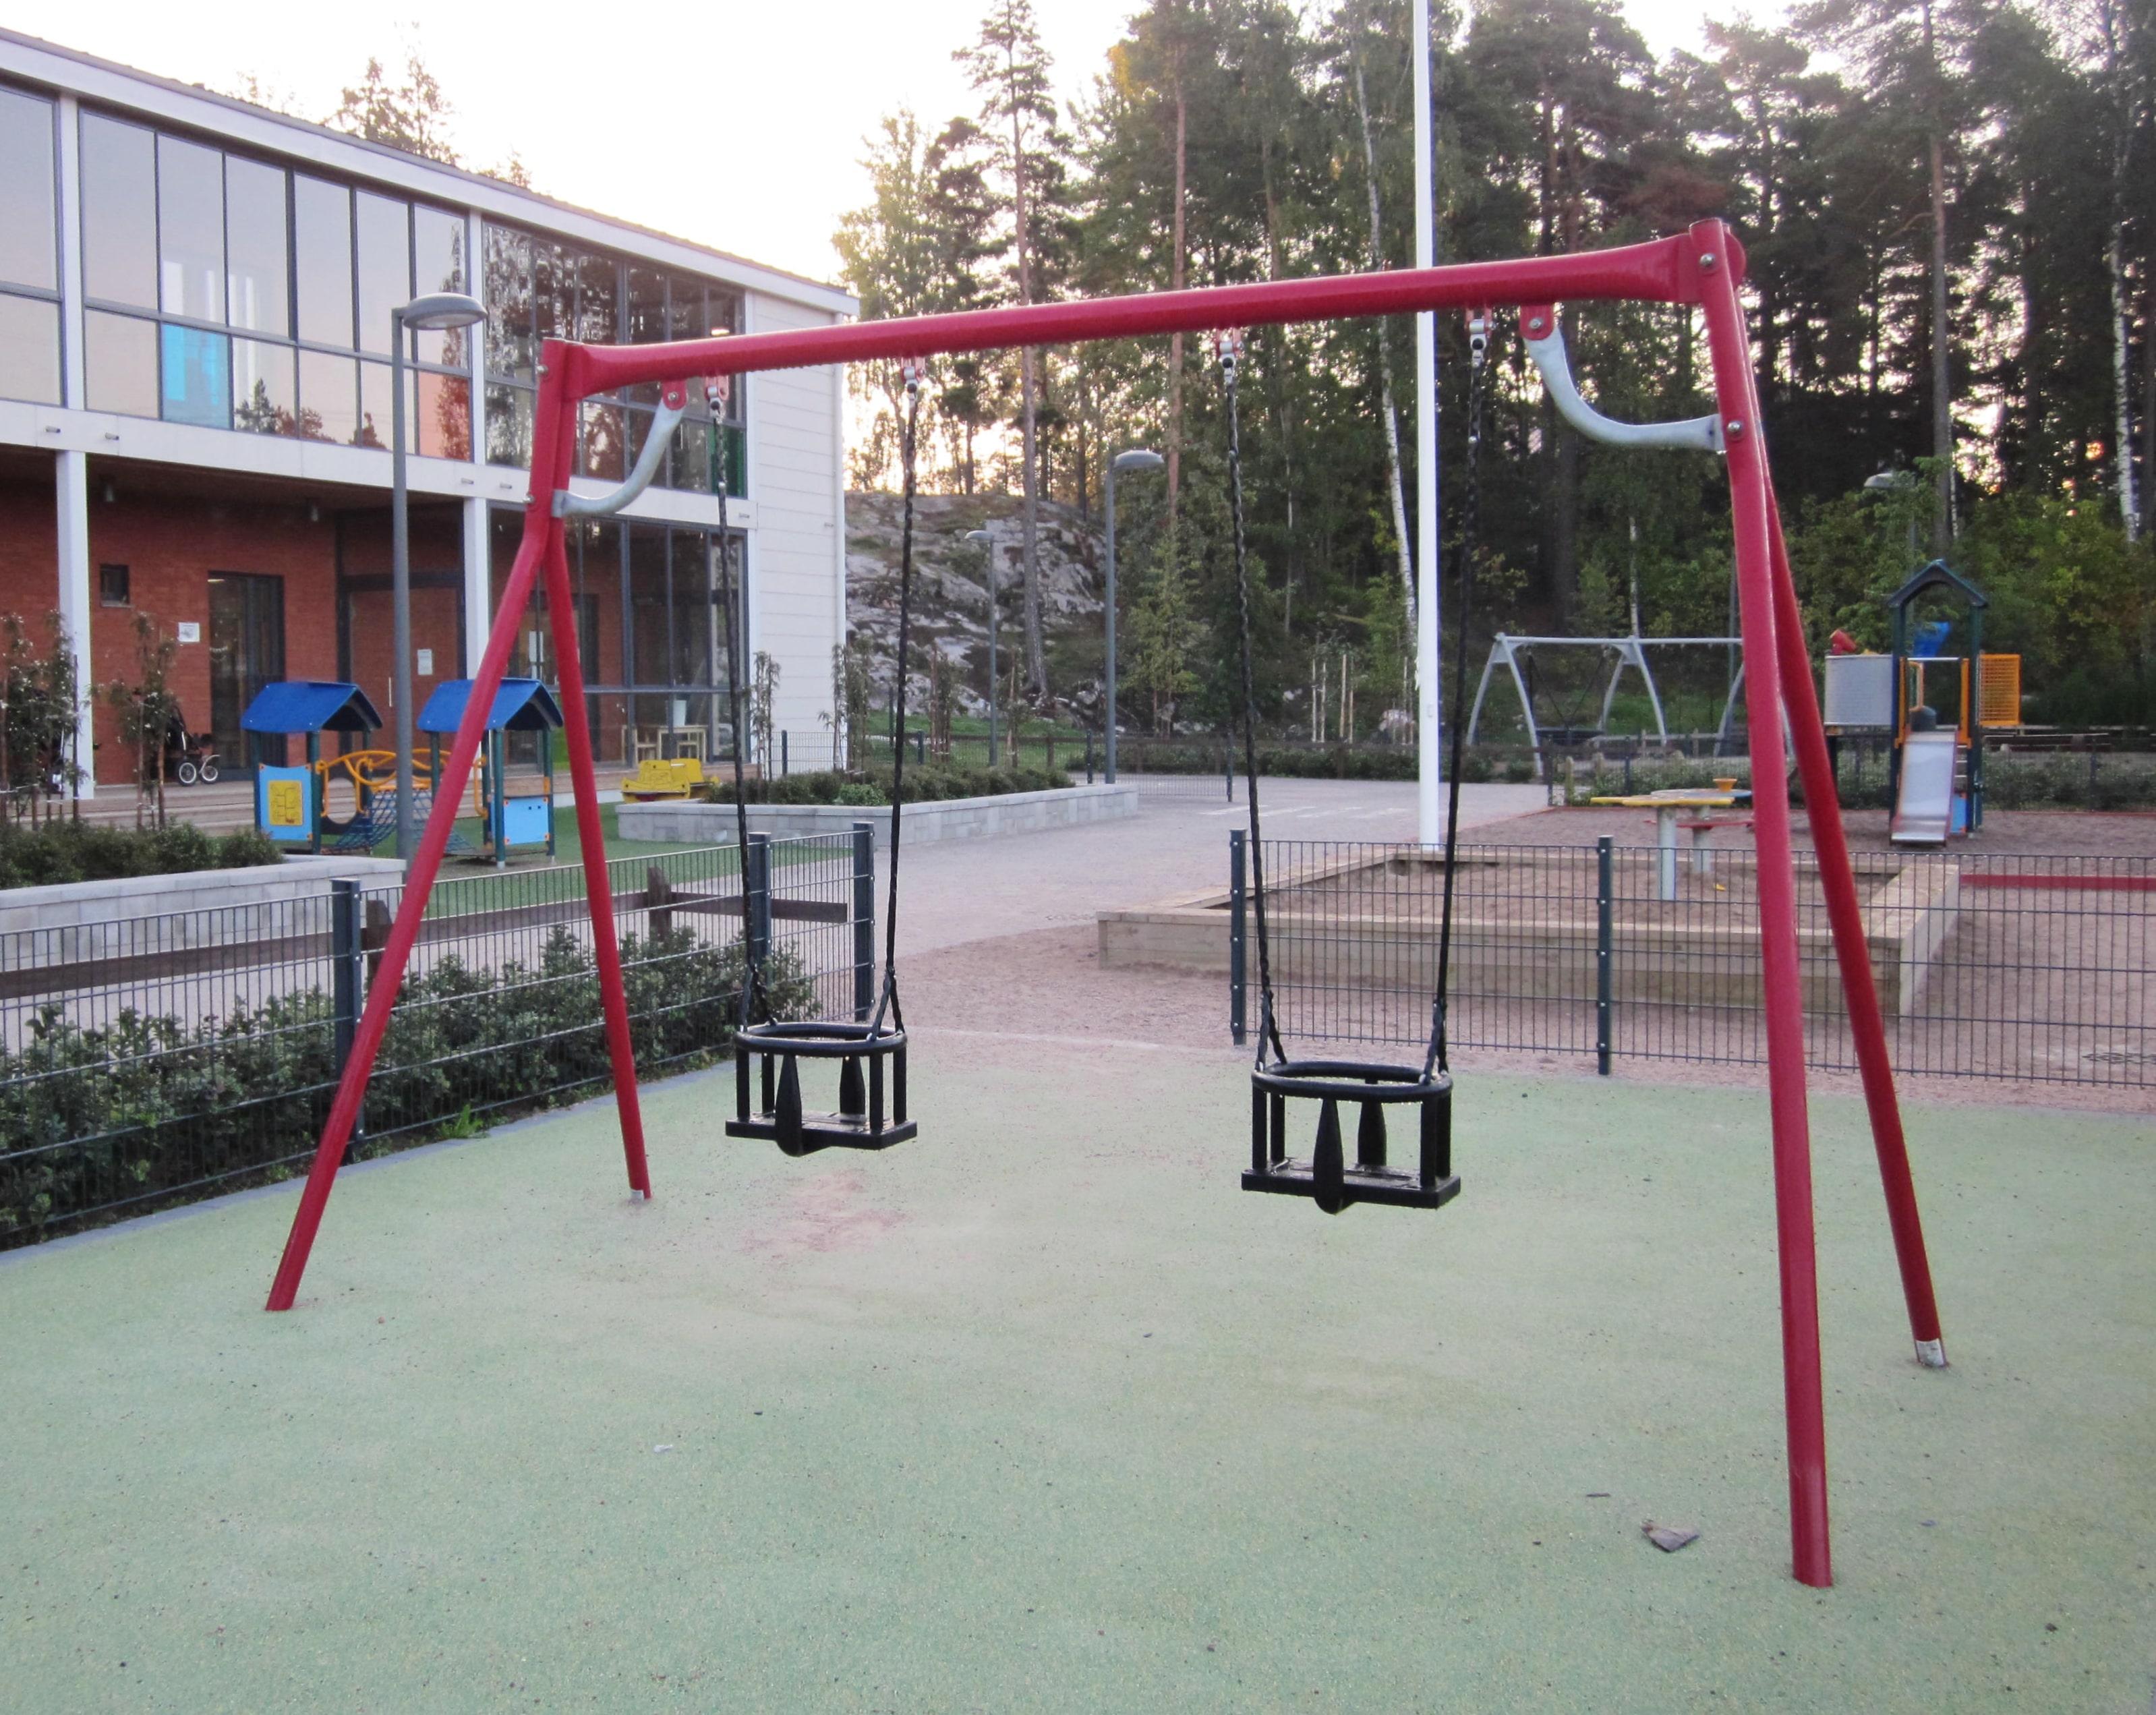 Laajasuon Liikuntapuisto